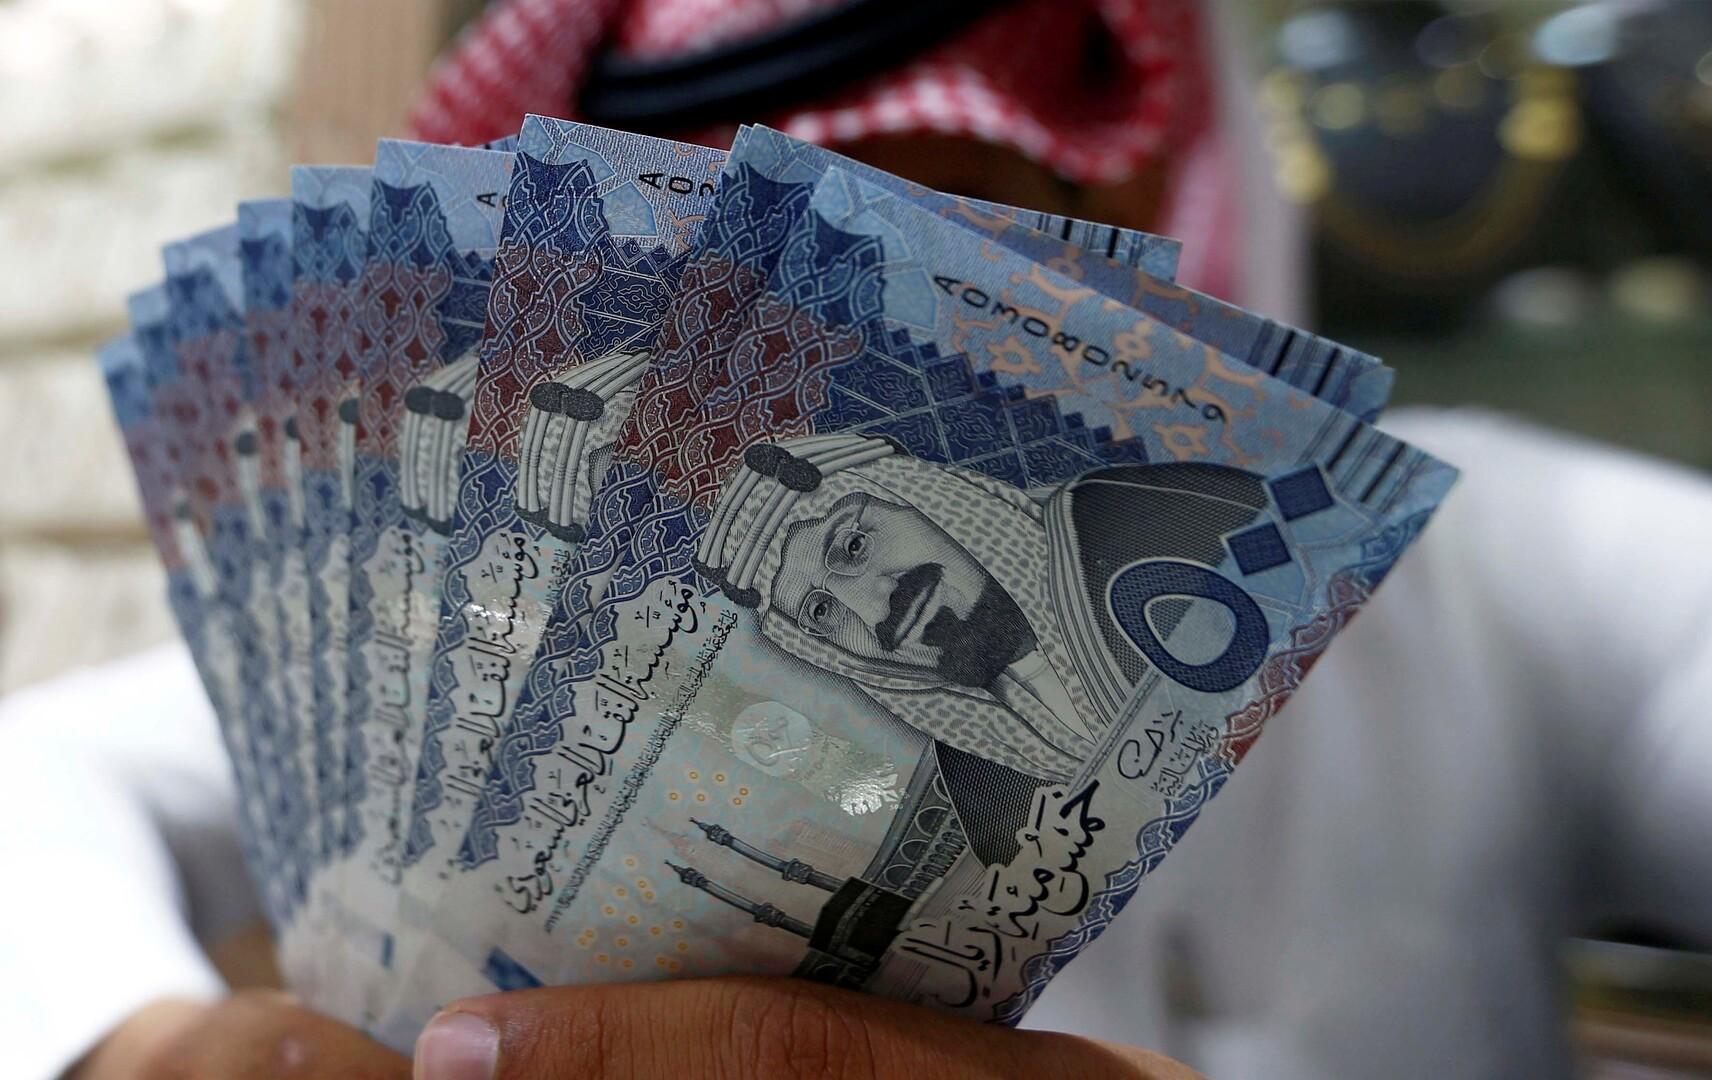 نحو مليوني عامل أجنبي غادروا السعودية من بينهم أردنيين ..   ..  ما الأسباب؟